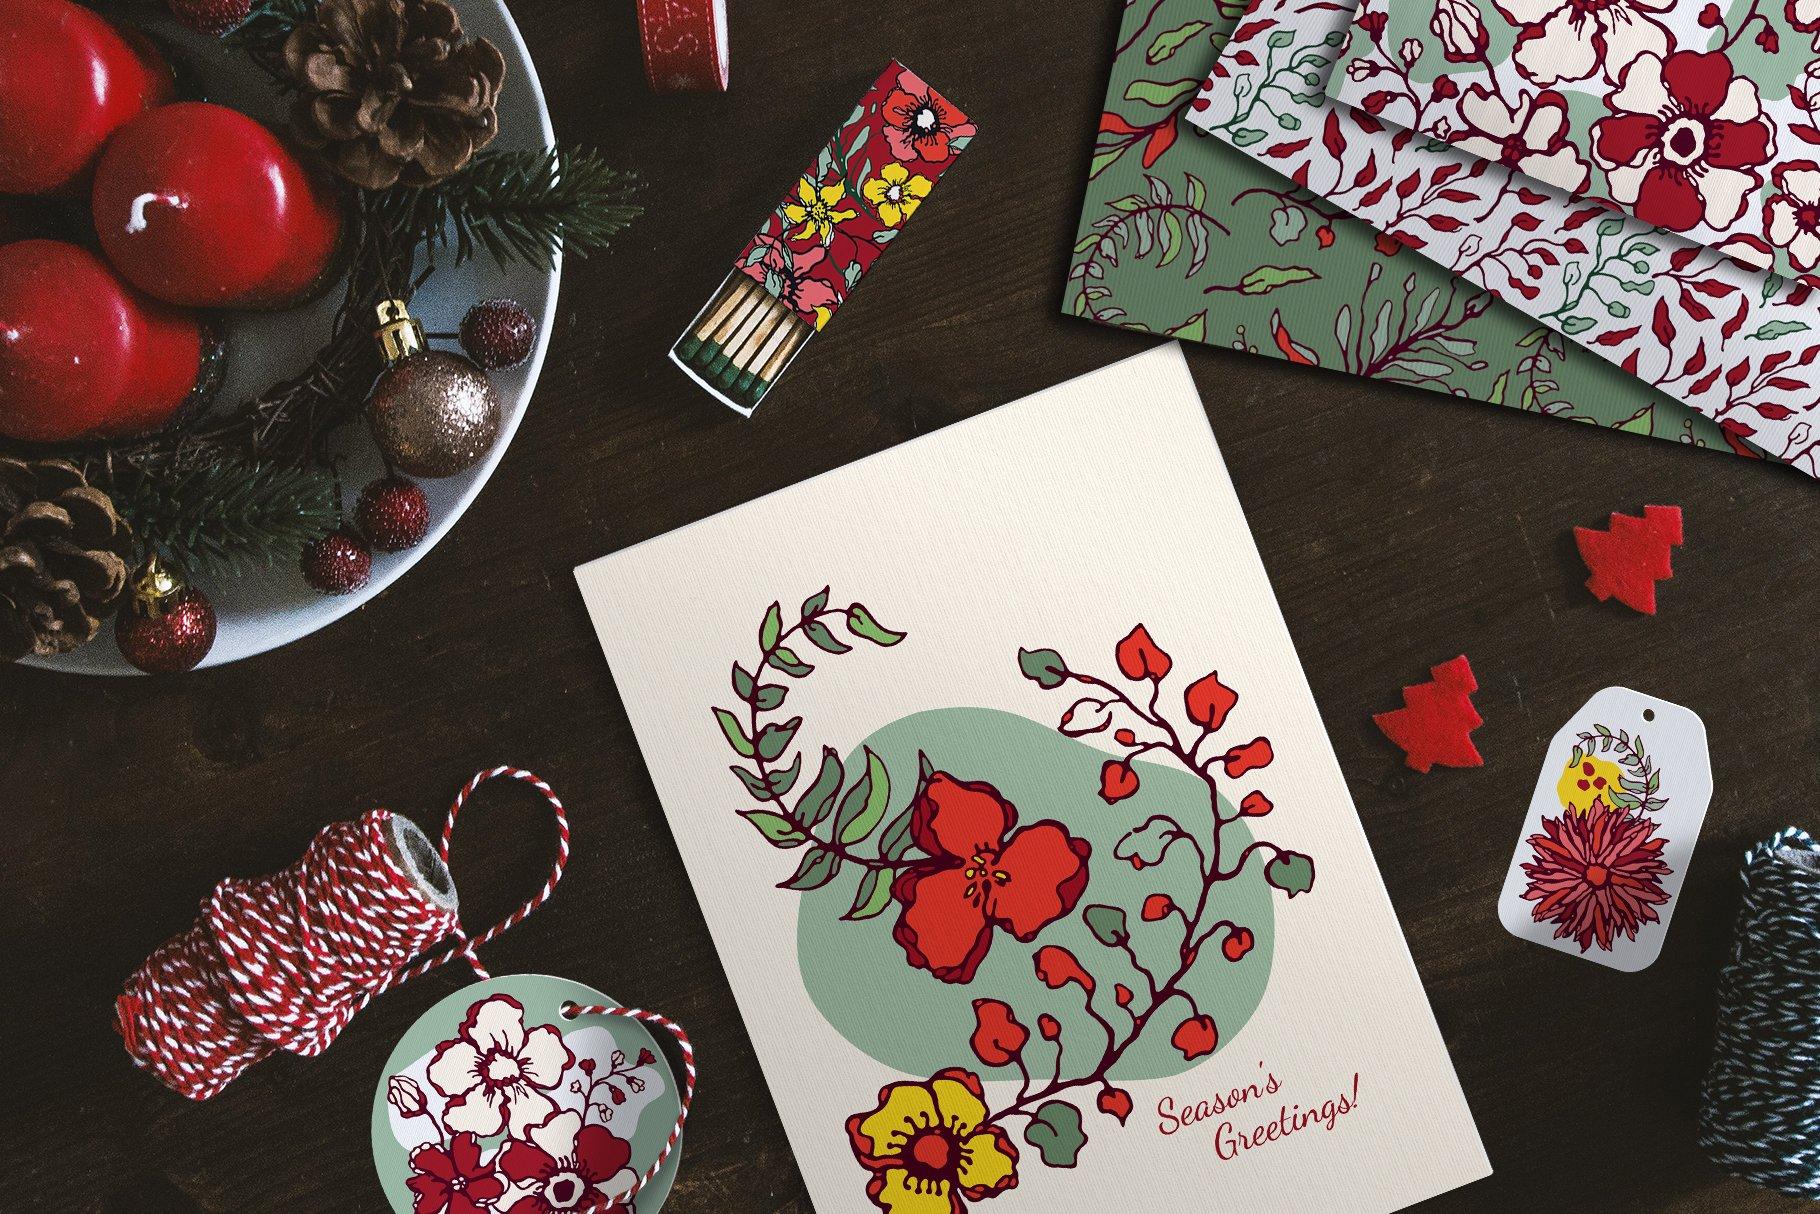 150多款时尚优雅花卉框架抽象形状手绘插画设计素材 Winter Floral Patterns & Elements插图2